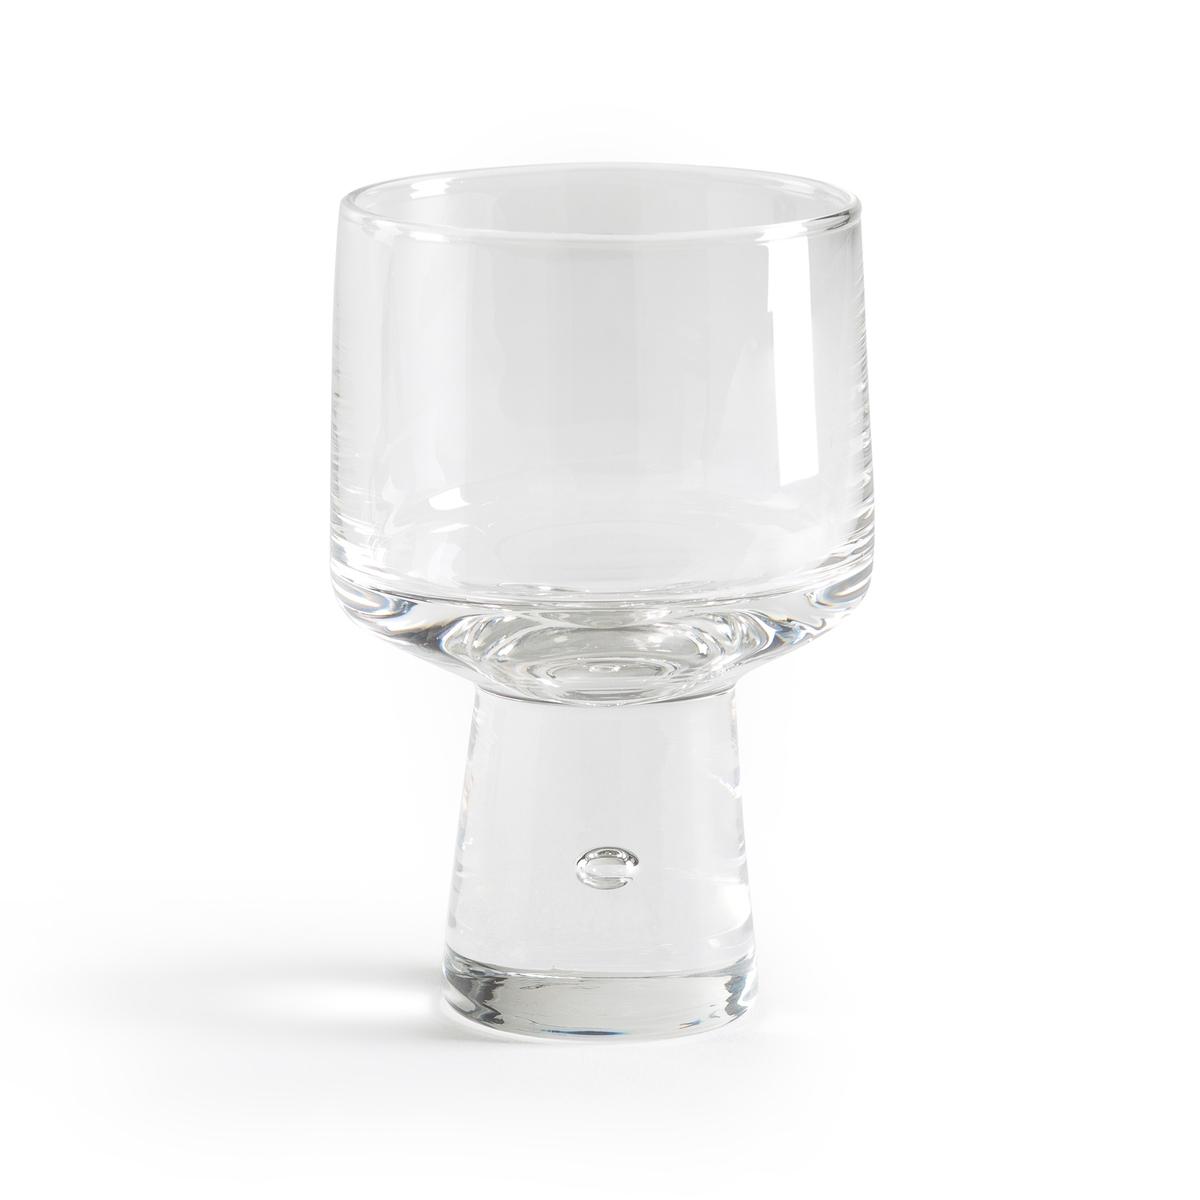 Бокал для вина в форме трапеции, Alb?do (комплект из 6 бокалов)6 бокалов для вина Alb?do. Форма трапеции, толстая ножка. Подходят для использования в посудомоечной машине. Размеры : ?8,5 x В10 см. Объем 250 мл.<br><br>Цвет: прозрачный